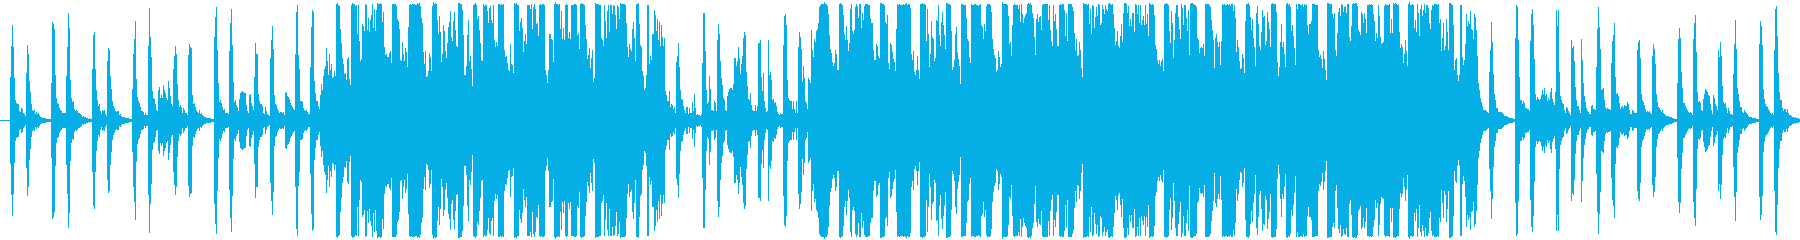 【ドラム抜き】バイオリンを主体としたテ…の再生済みの波形